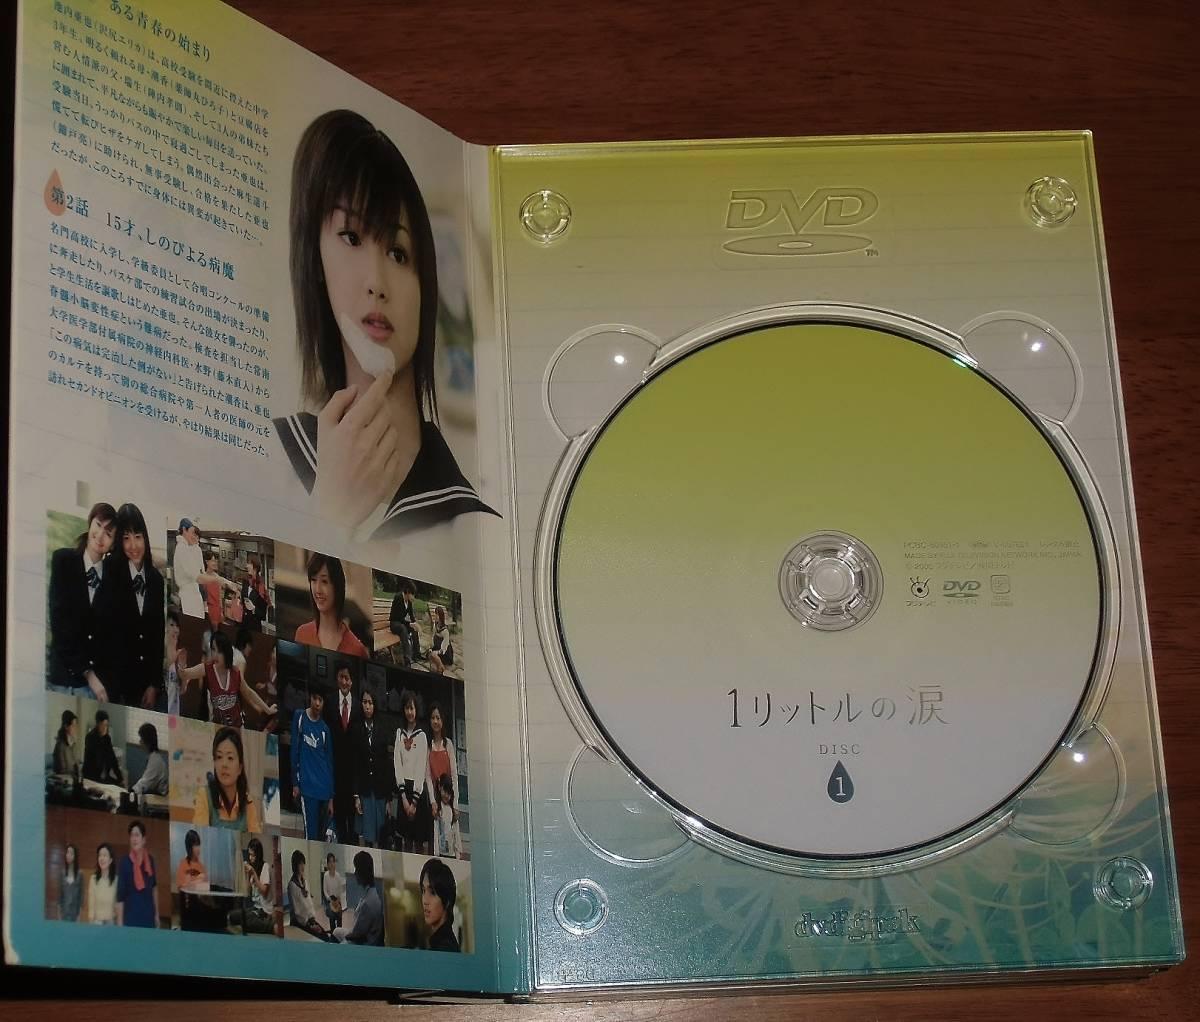 1リットルの涙 DVD BOX 中古  沢尻エリカ 錦戸亮_画像3